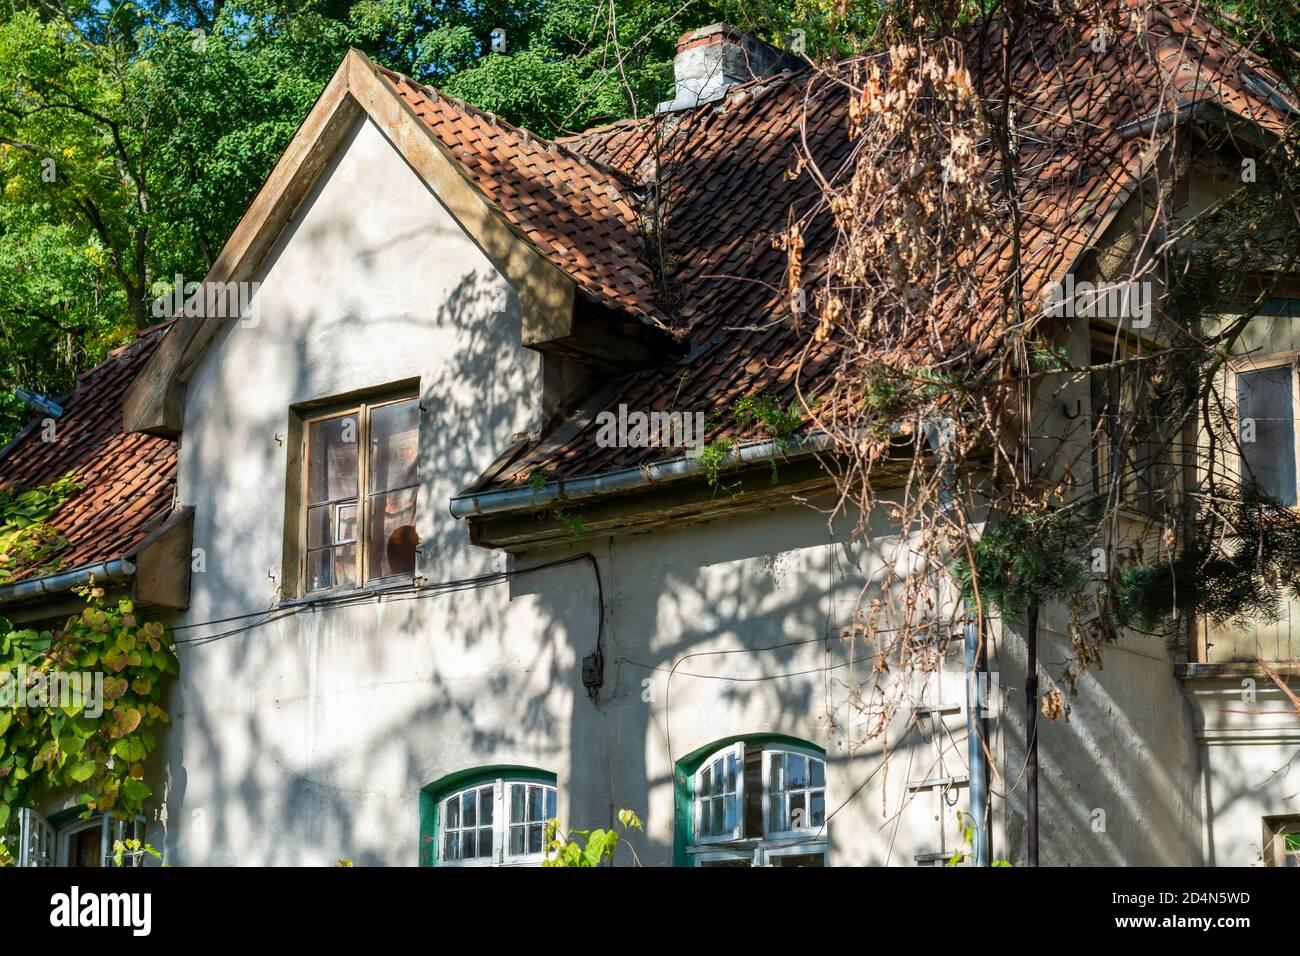 Toit carrelé d'une ancienne maison du XIXe siècle. Fenêtres en bois sans restauration sur la façade d'un chalet dans la forêt. Banque D'Images